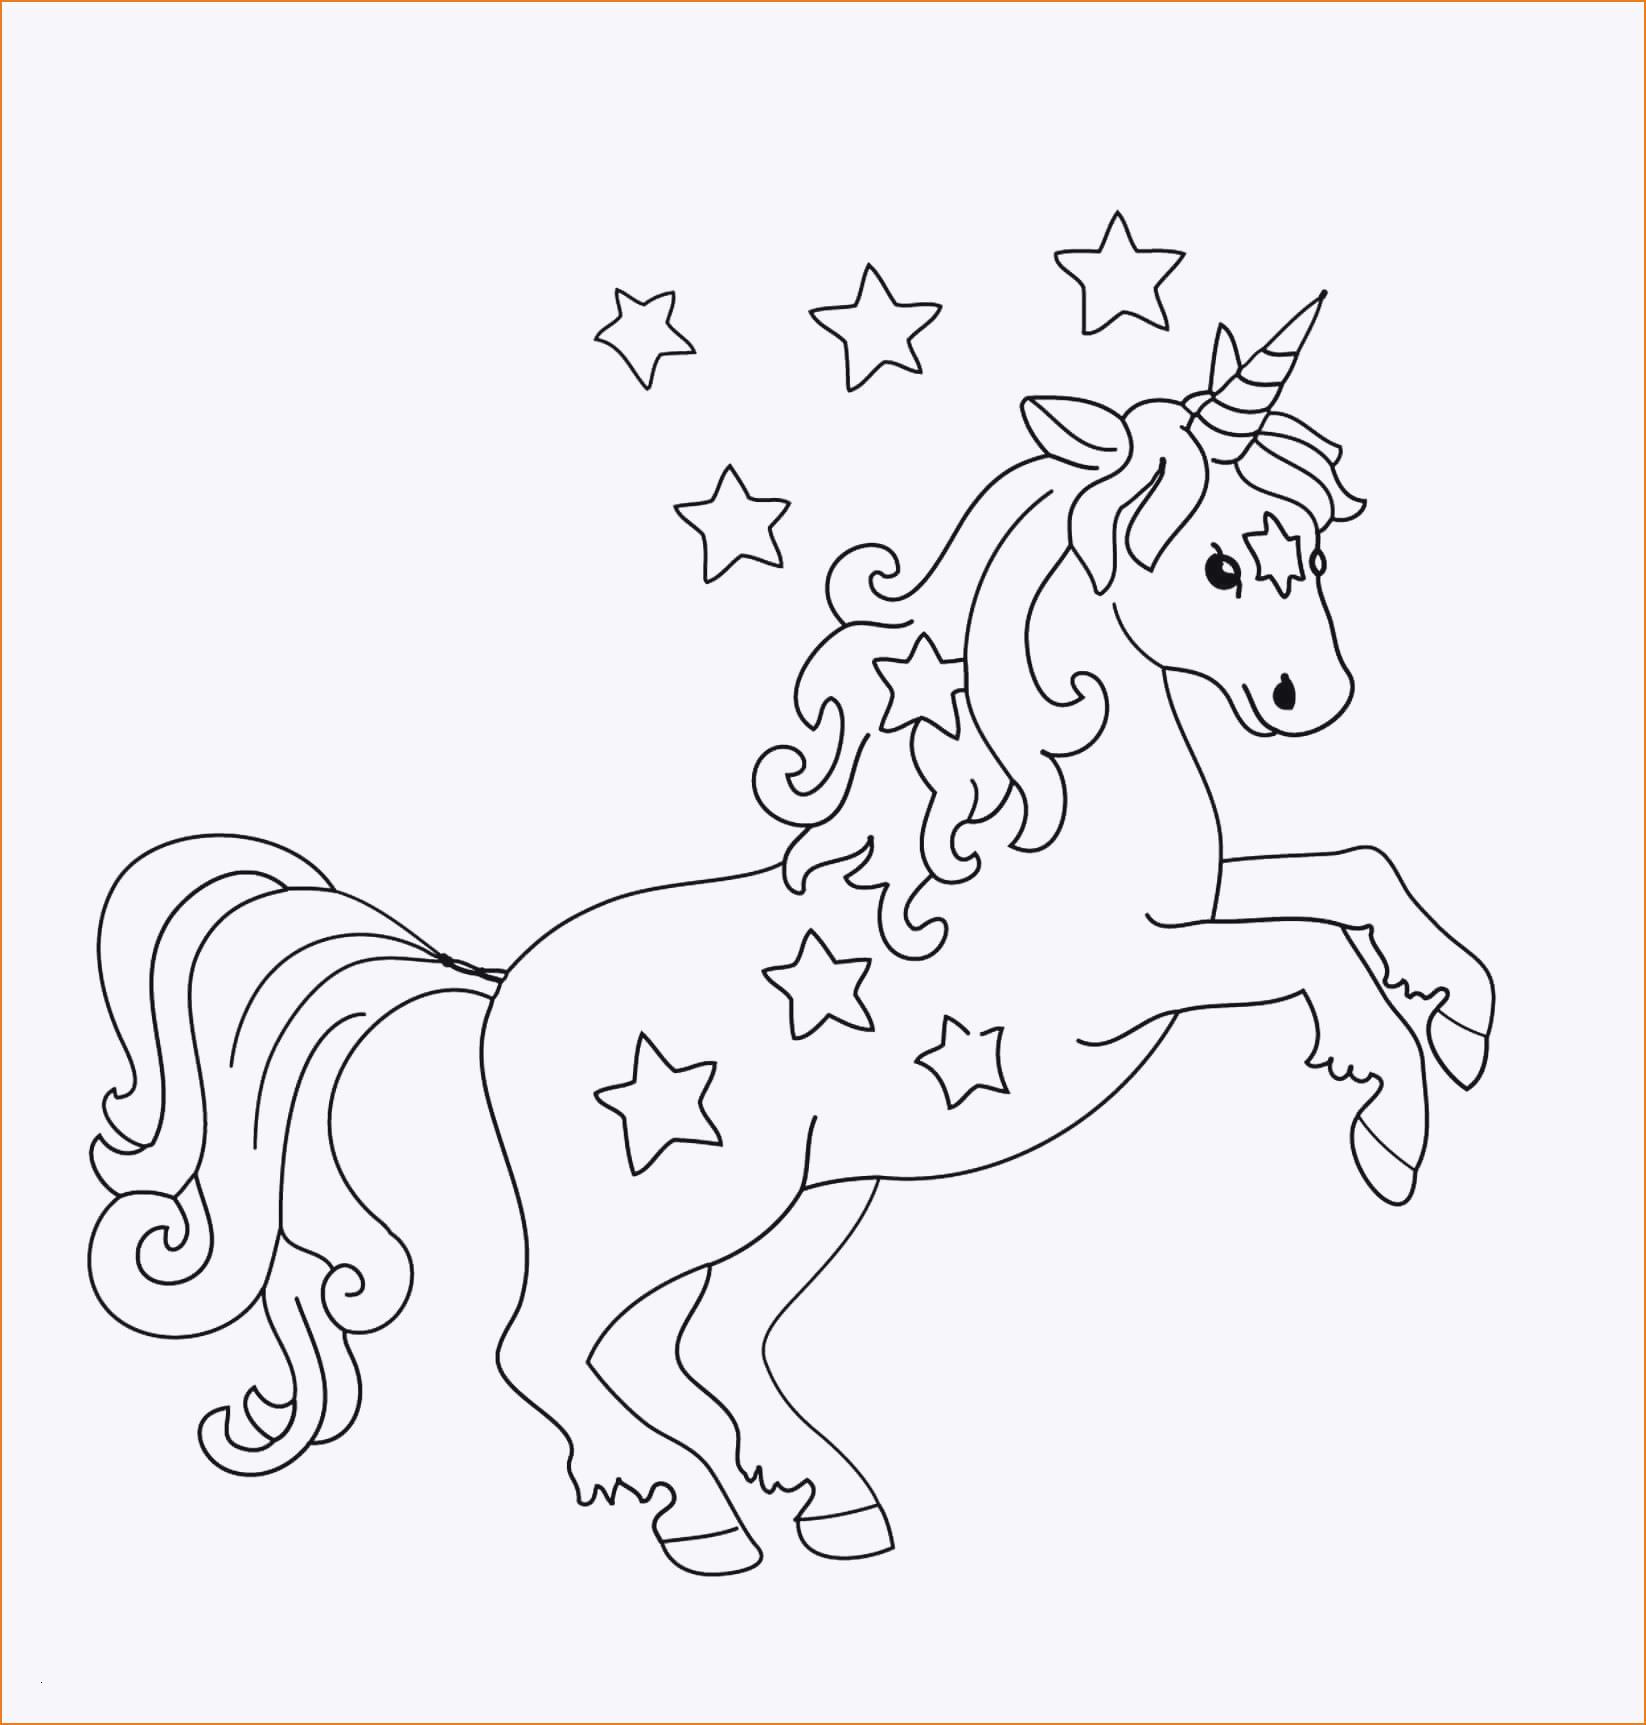 Pferde Bilder Zum Ausdrucken Frisch Karte Zur Geburt Mädchen Elegant 45 Ausmalbilder Pferde Mit Madchen Galerie